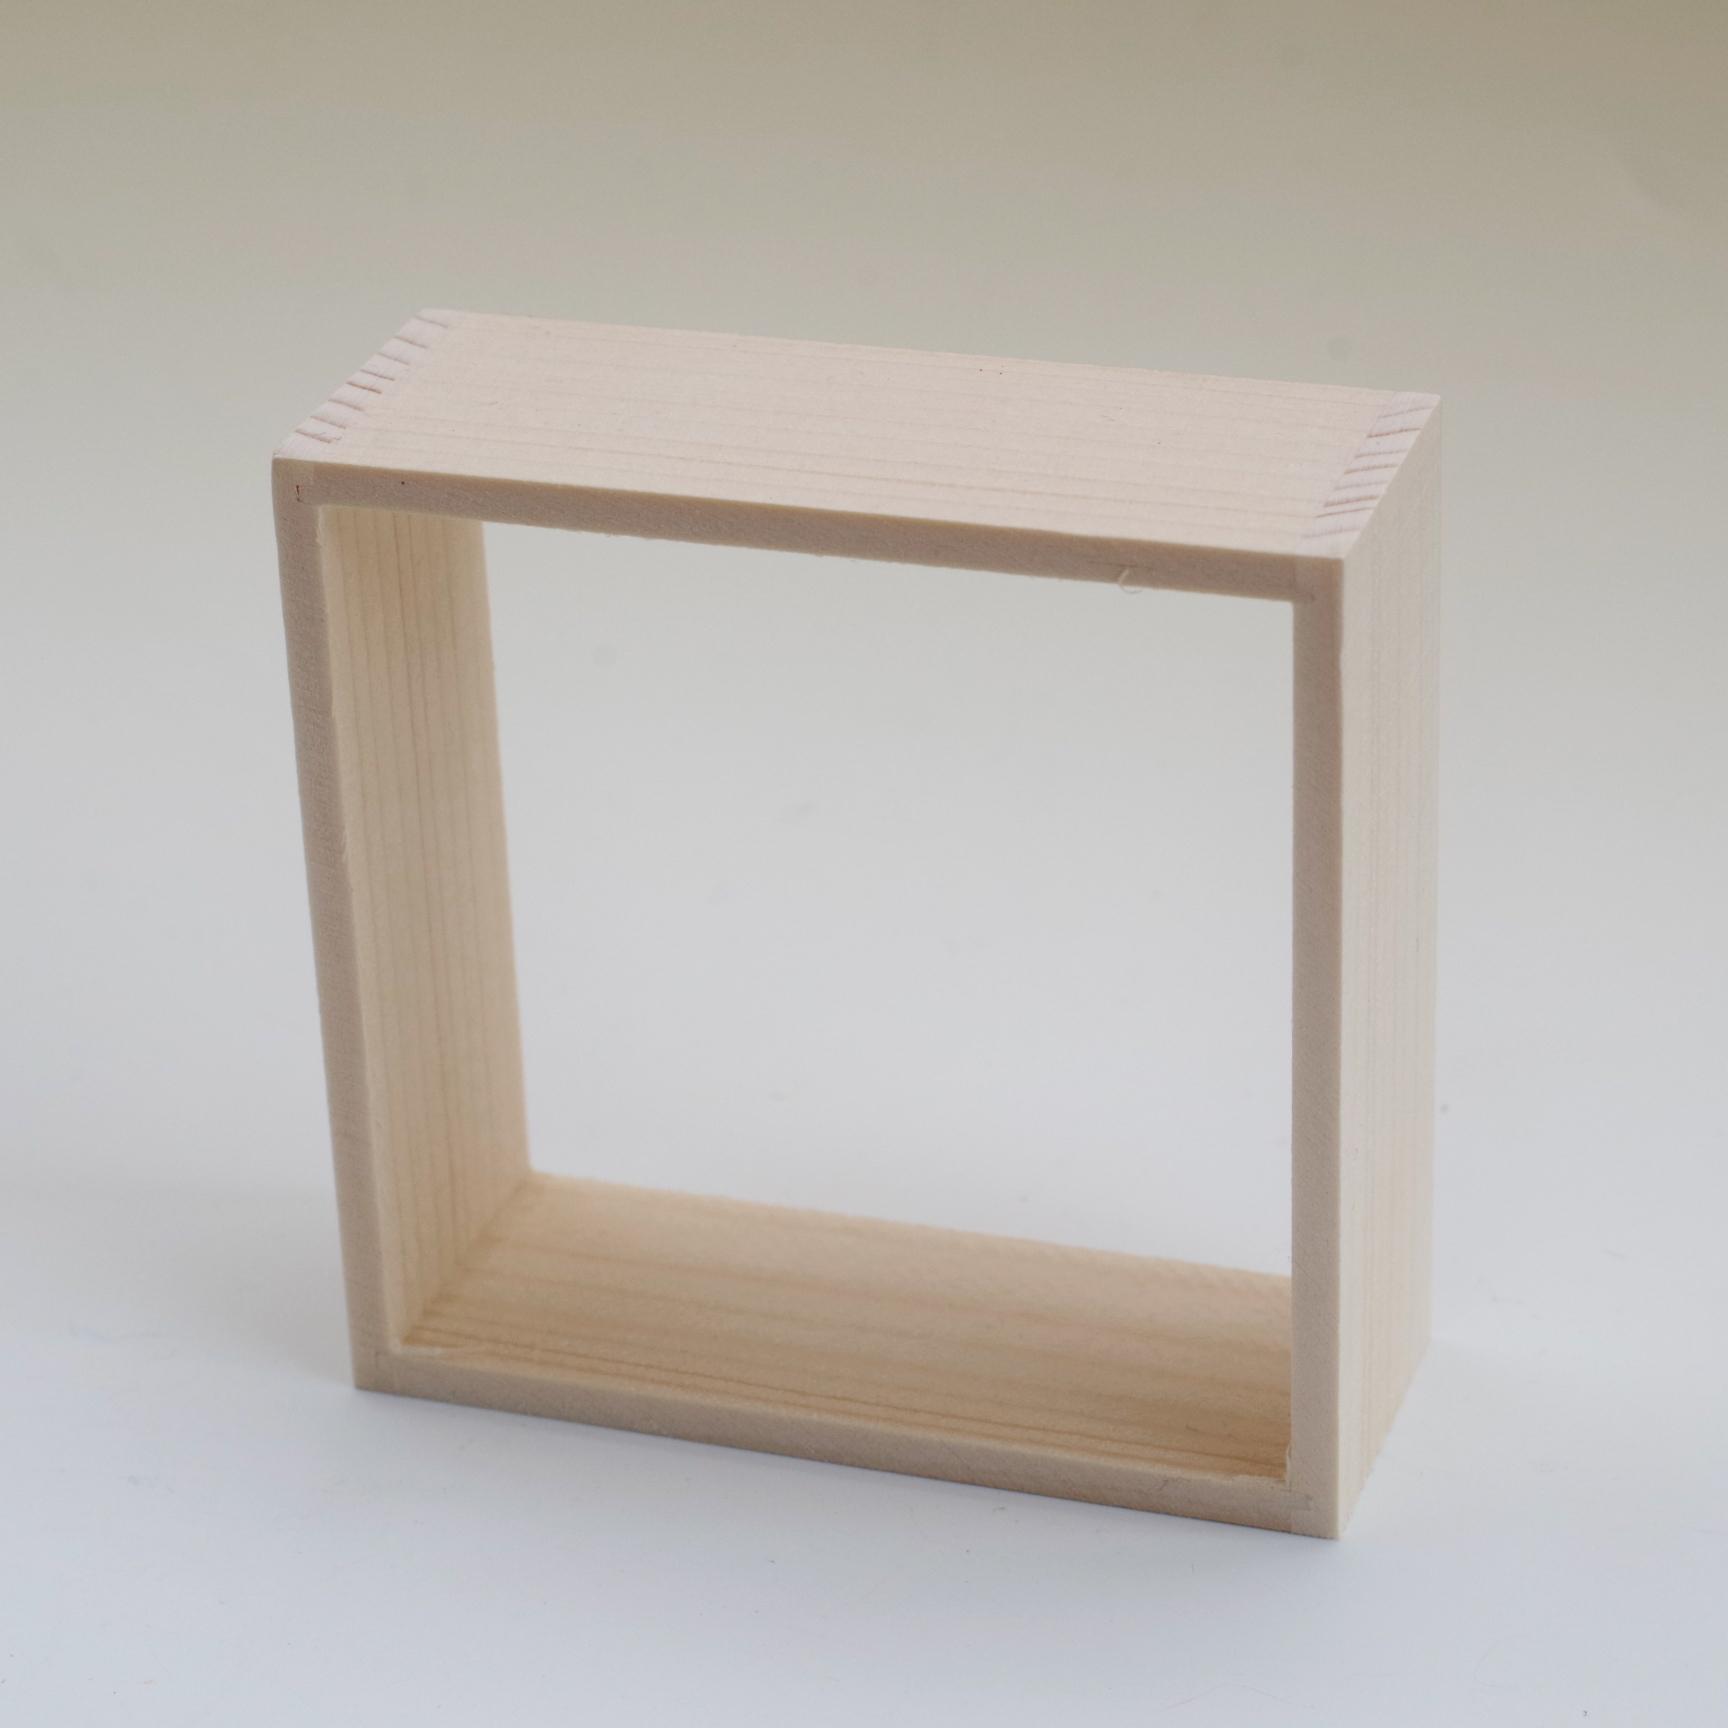 ヴェルナー やじろべえ用 木枠